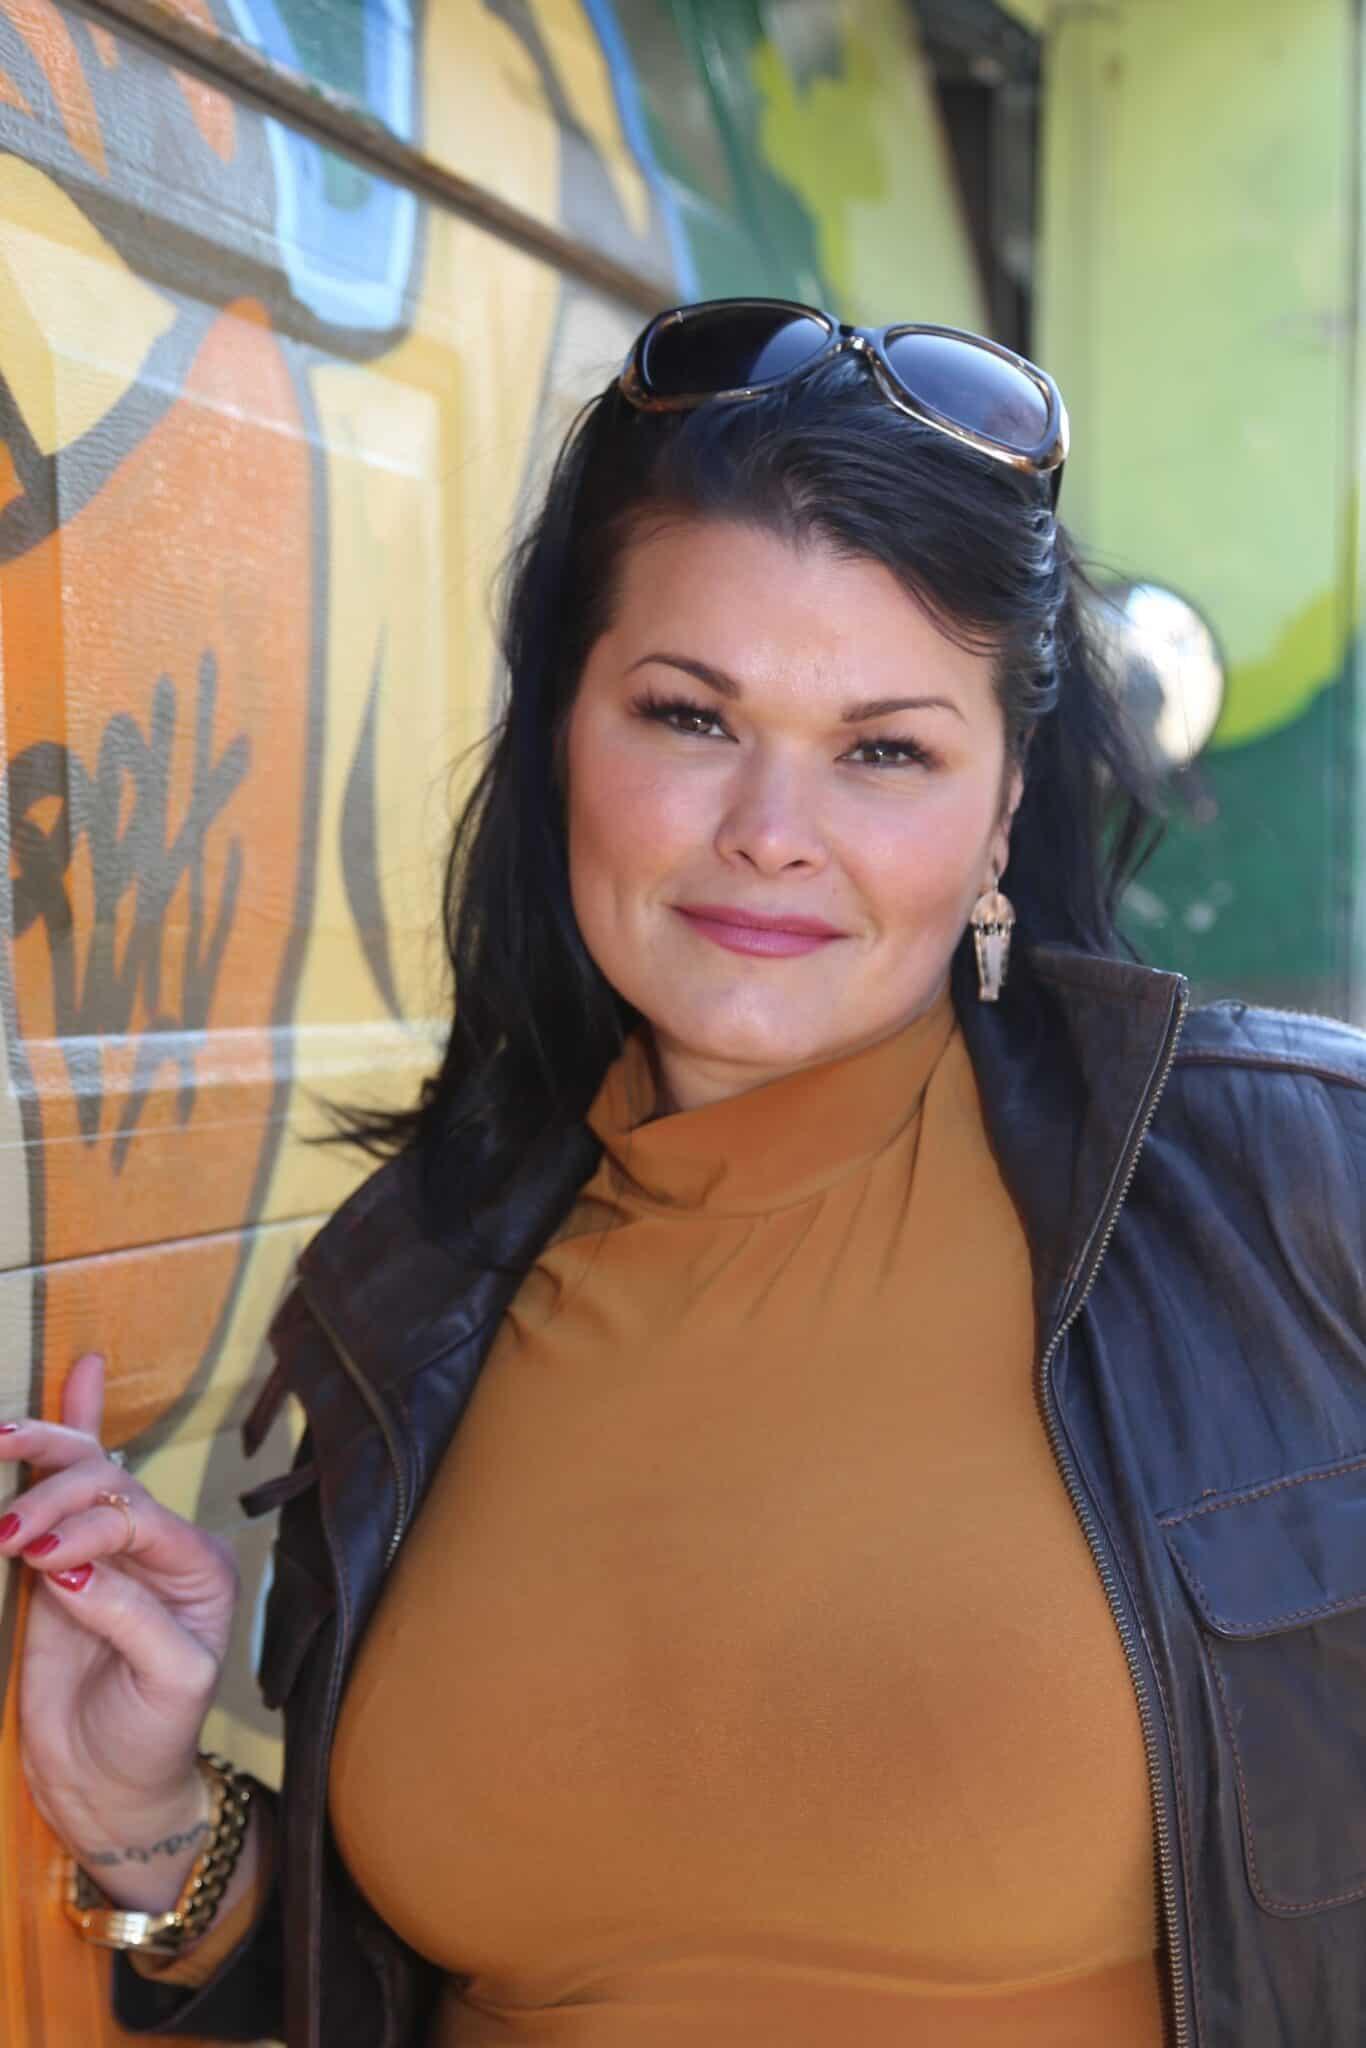 Tara Myshrall